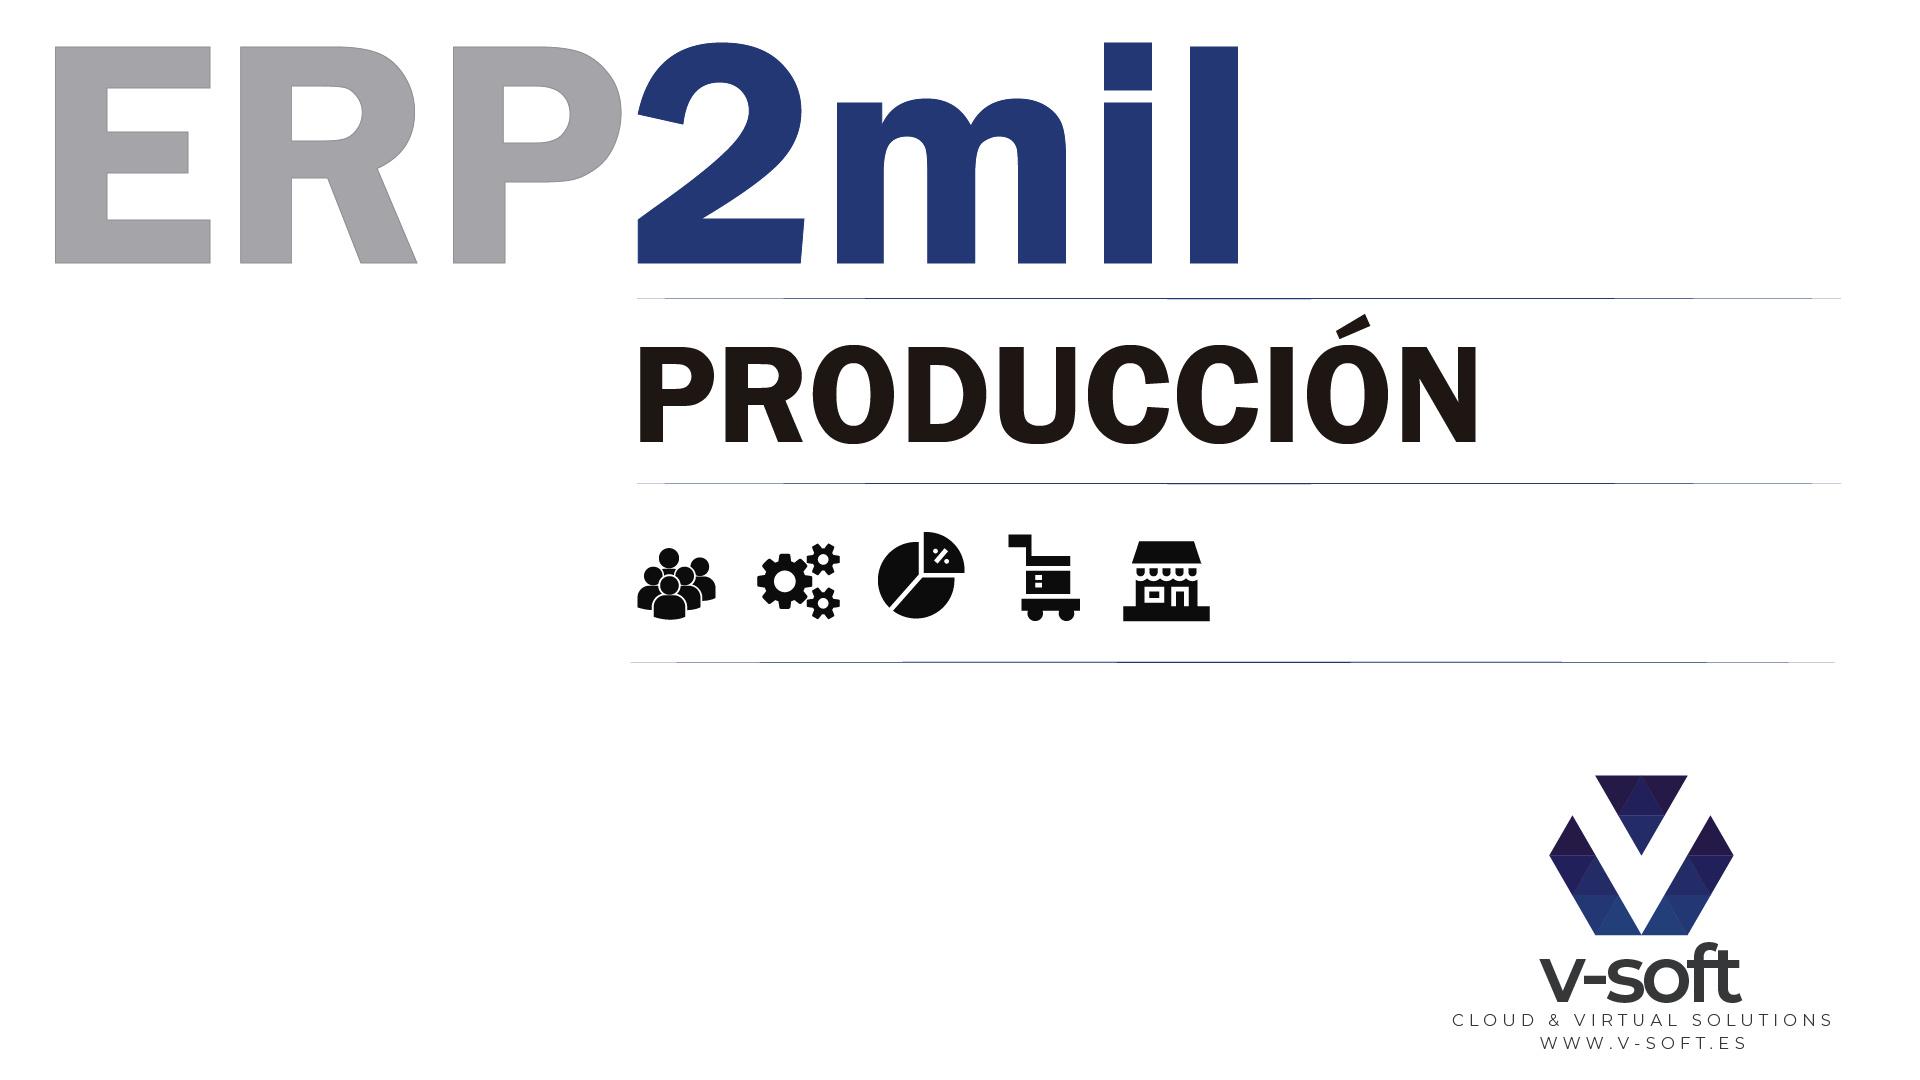 ERP2mil PRODUCCION de V-SOFT